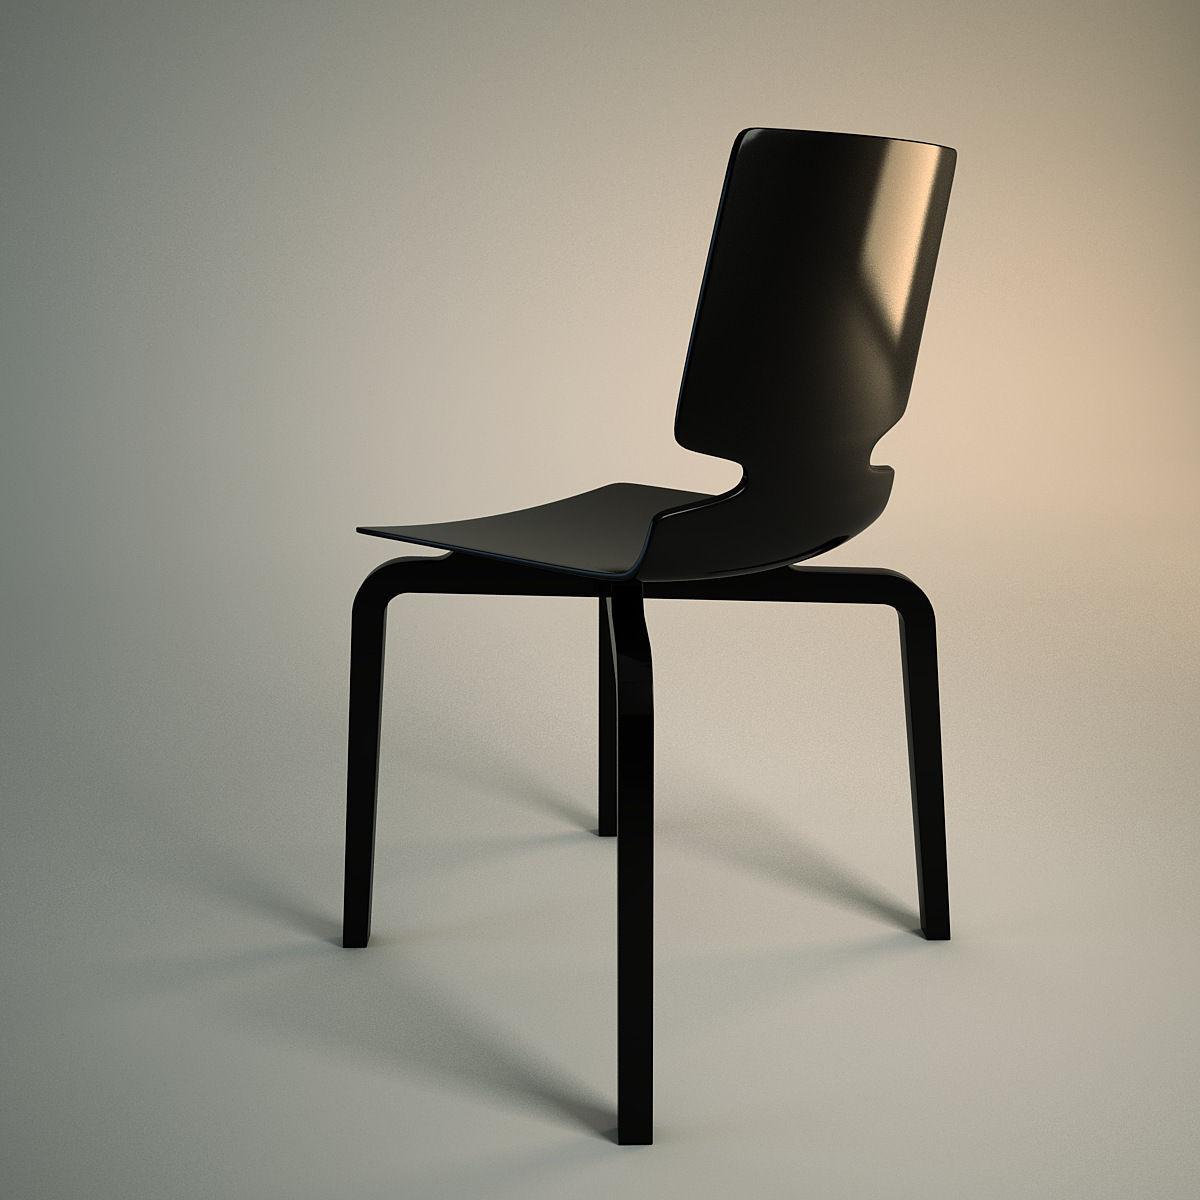 Artek Dress The Chair : Artek lento chair d model cgtrader